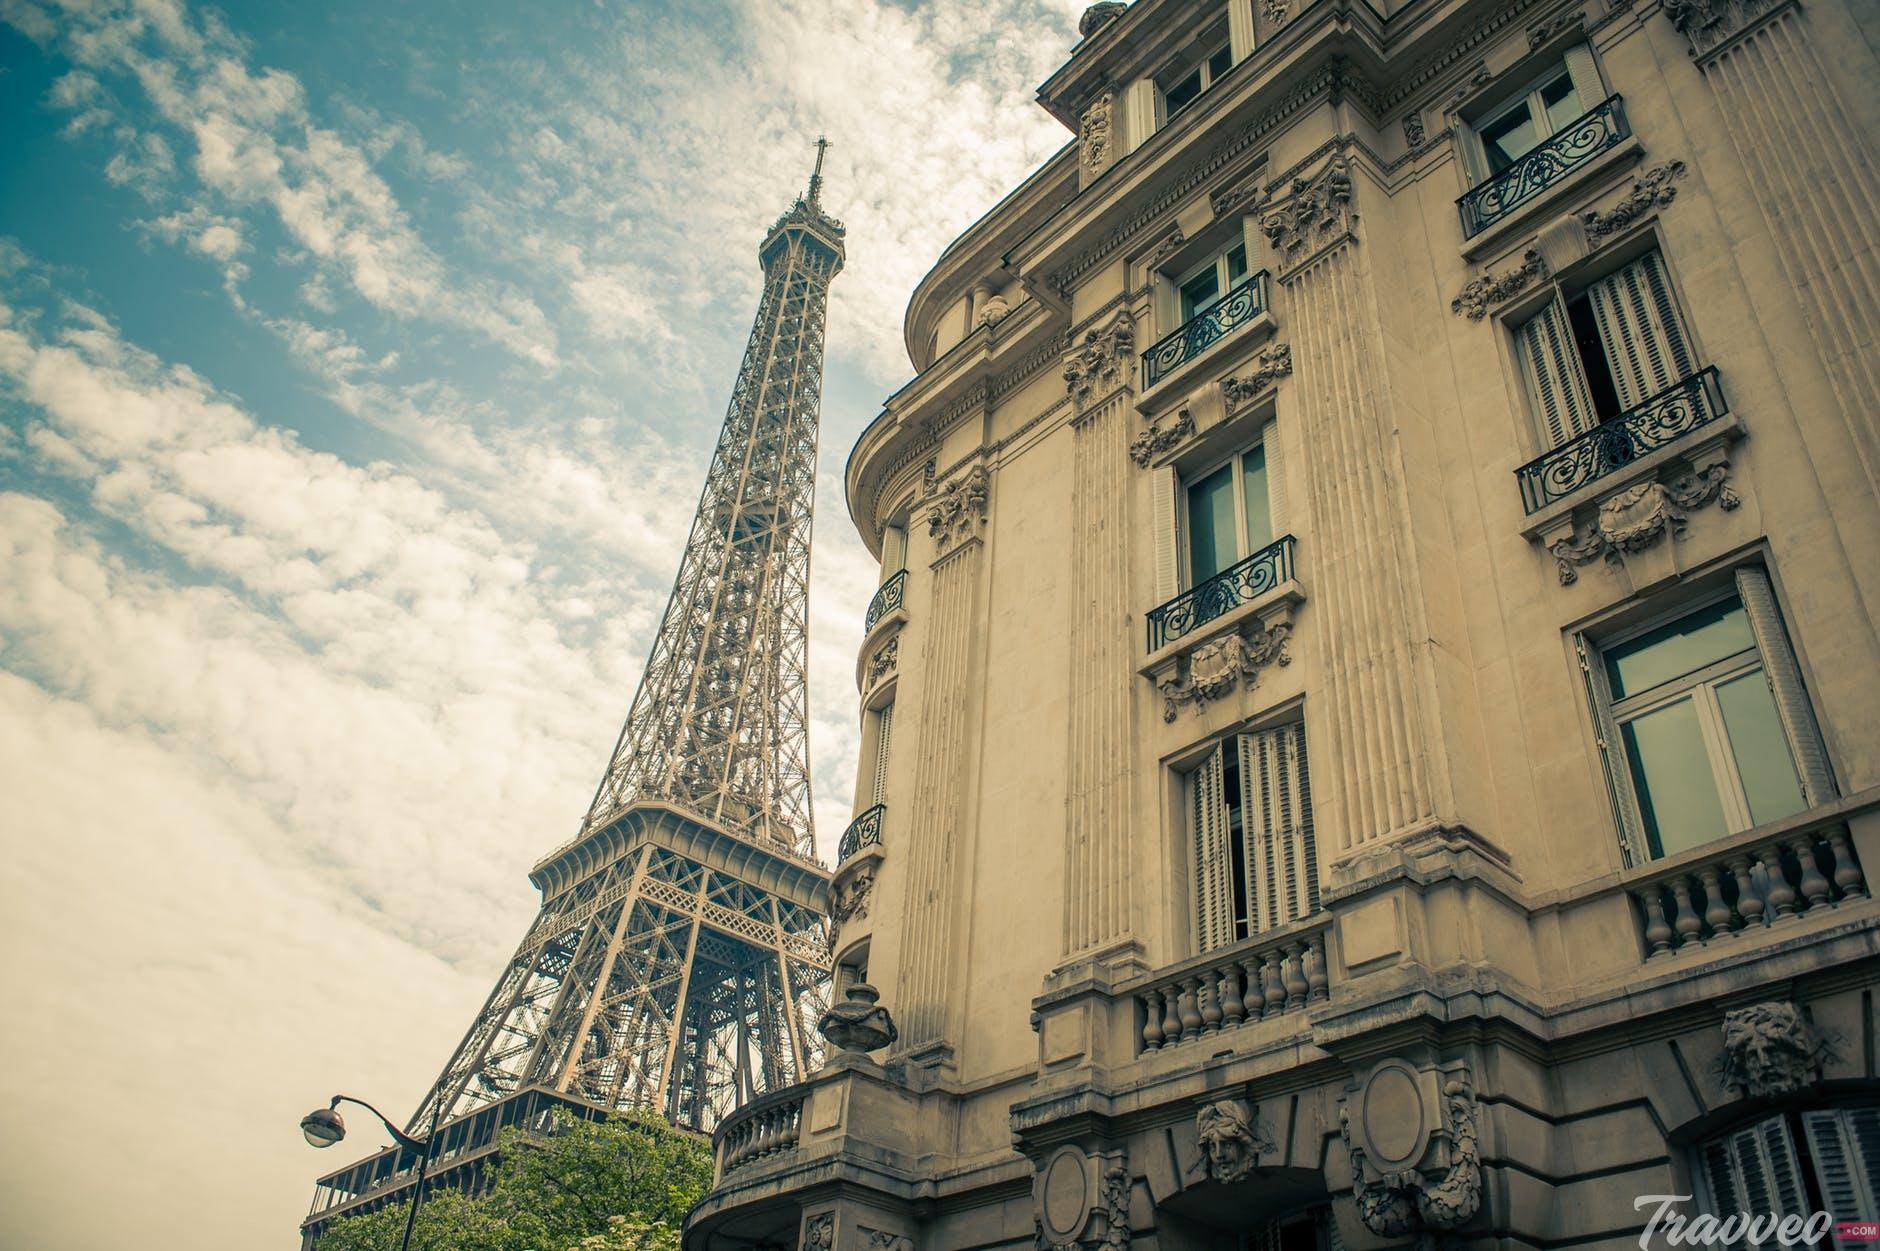 السياحة فى فرنسا ، اجمل مدن فرنسا التي تستحق الزيارة